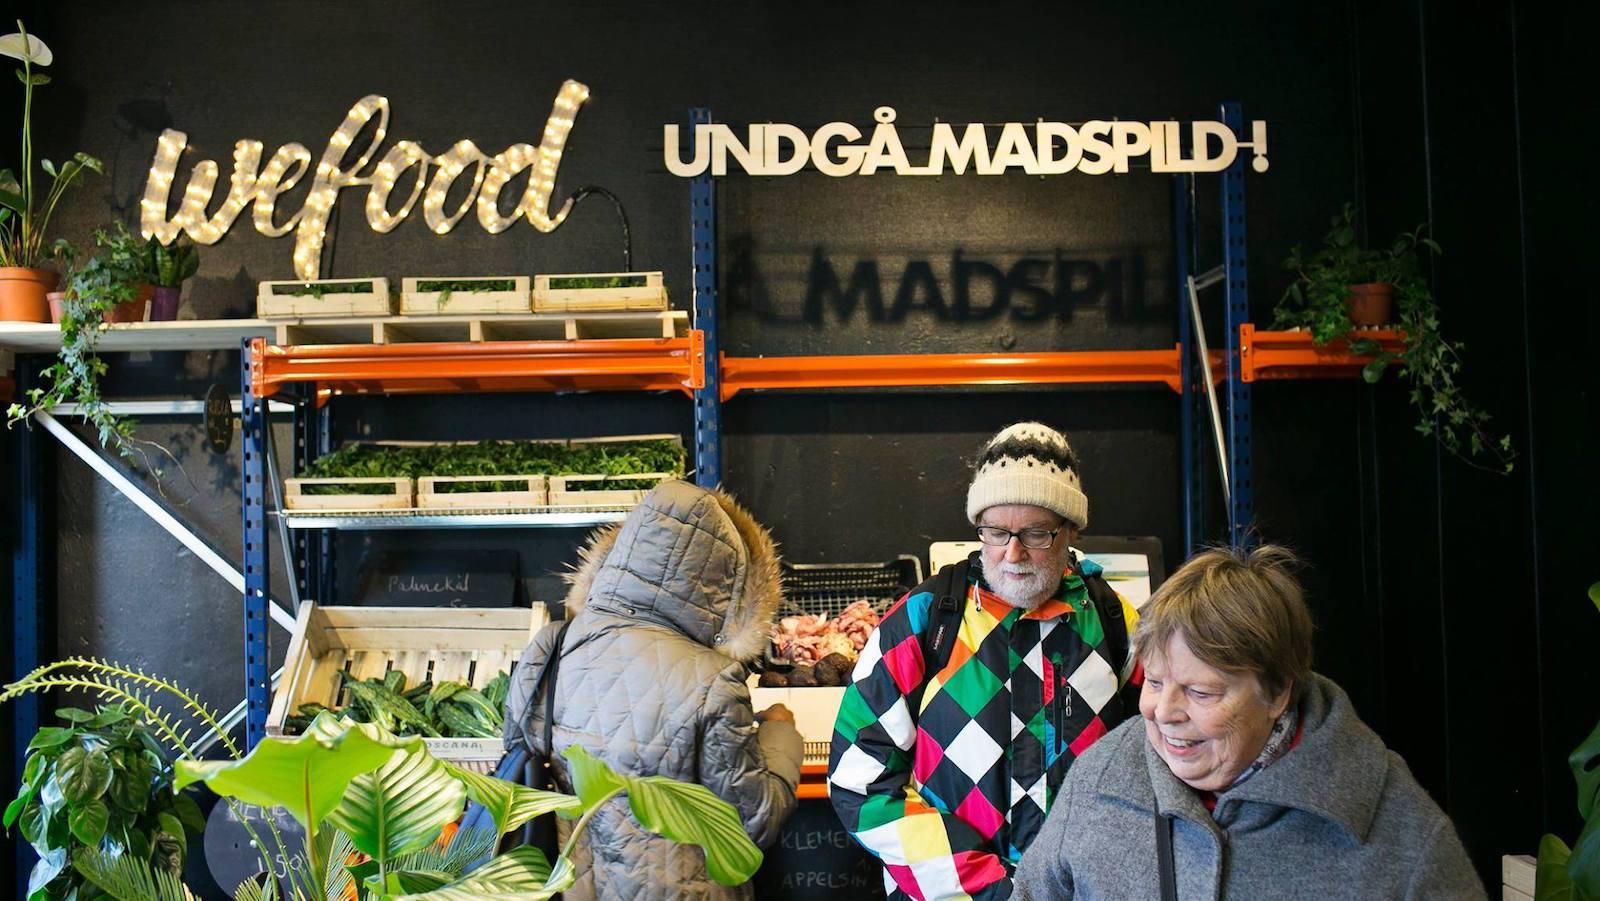 У Данії супермаркет, який продає прострочені продукти, відкриває нову філію - фото 5